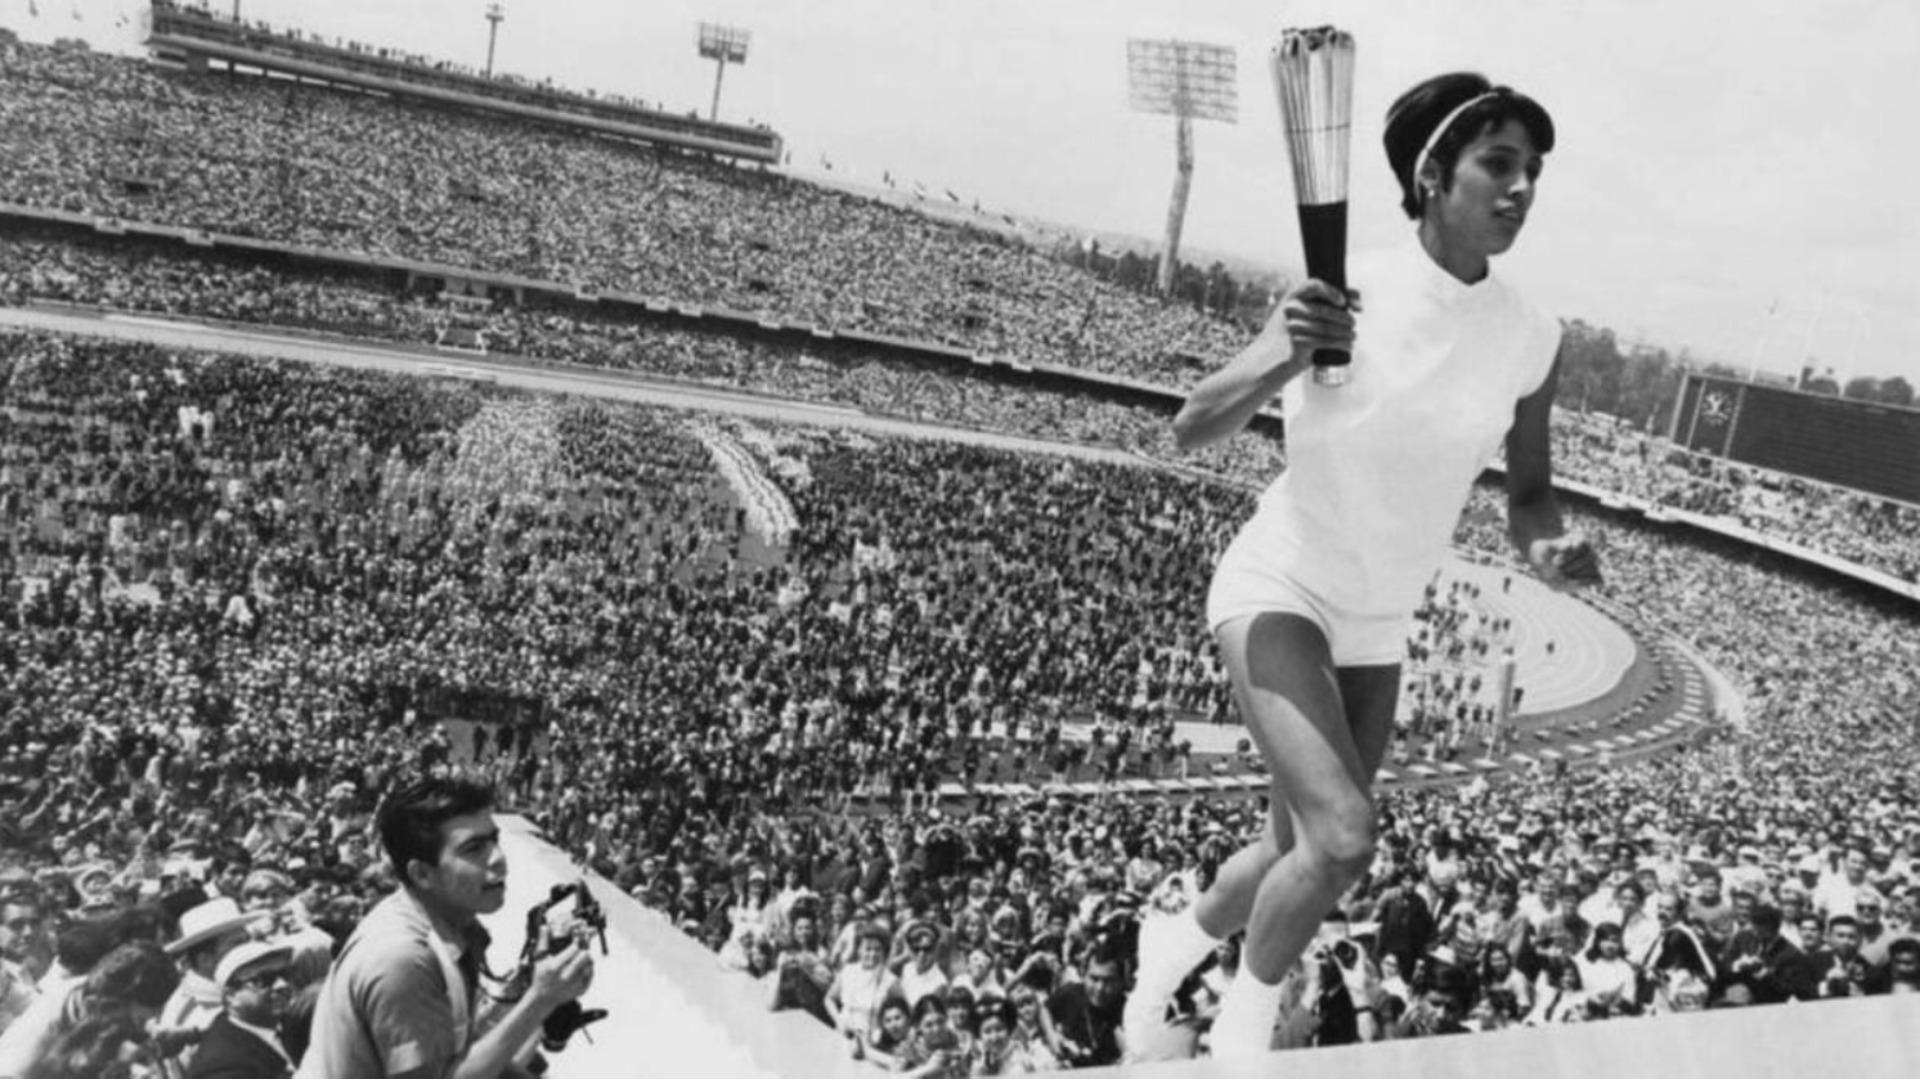 Murió Enriqueta Basilio, la mexicana que se convirtió en la primera mujer en encender un pebetero olímpico - Infobae